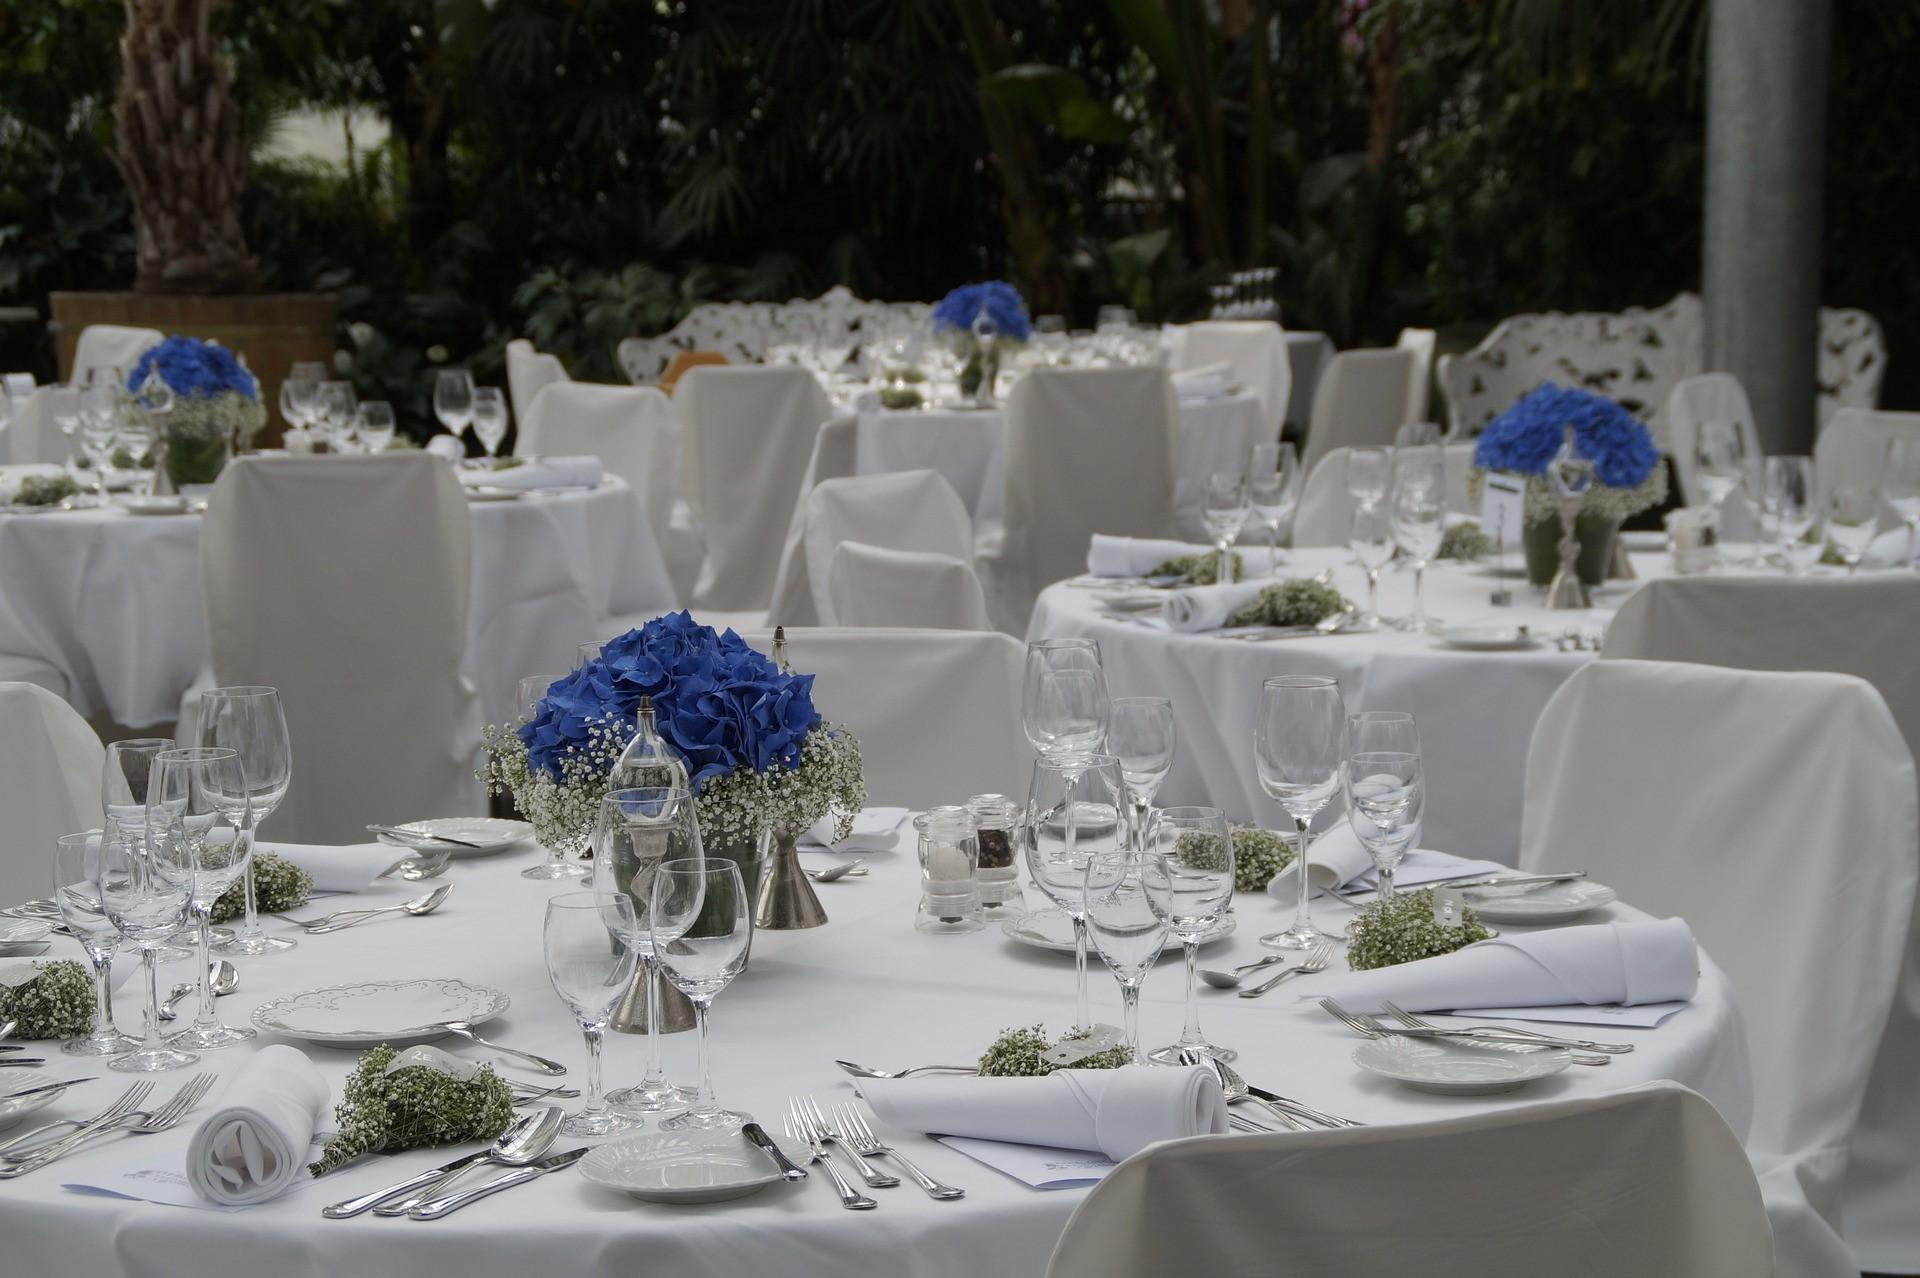 Location für den Hochzeitsempfang